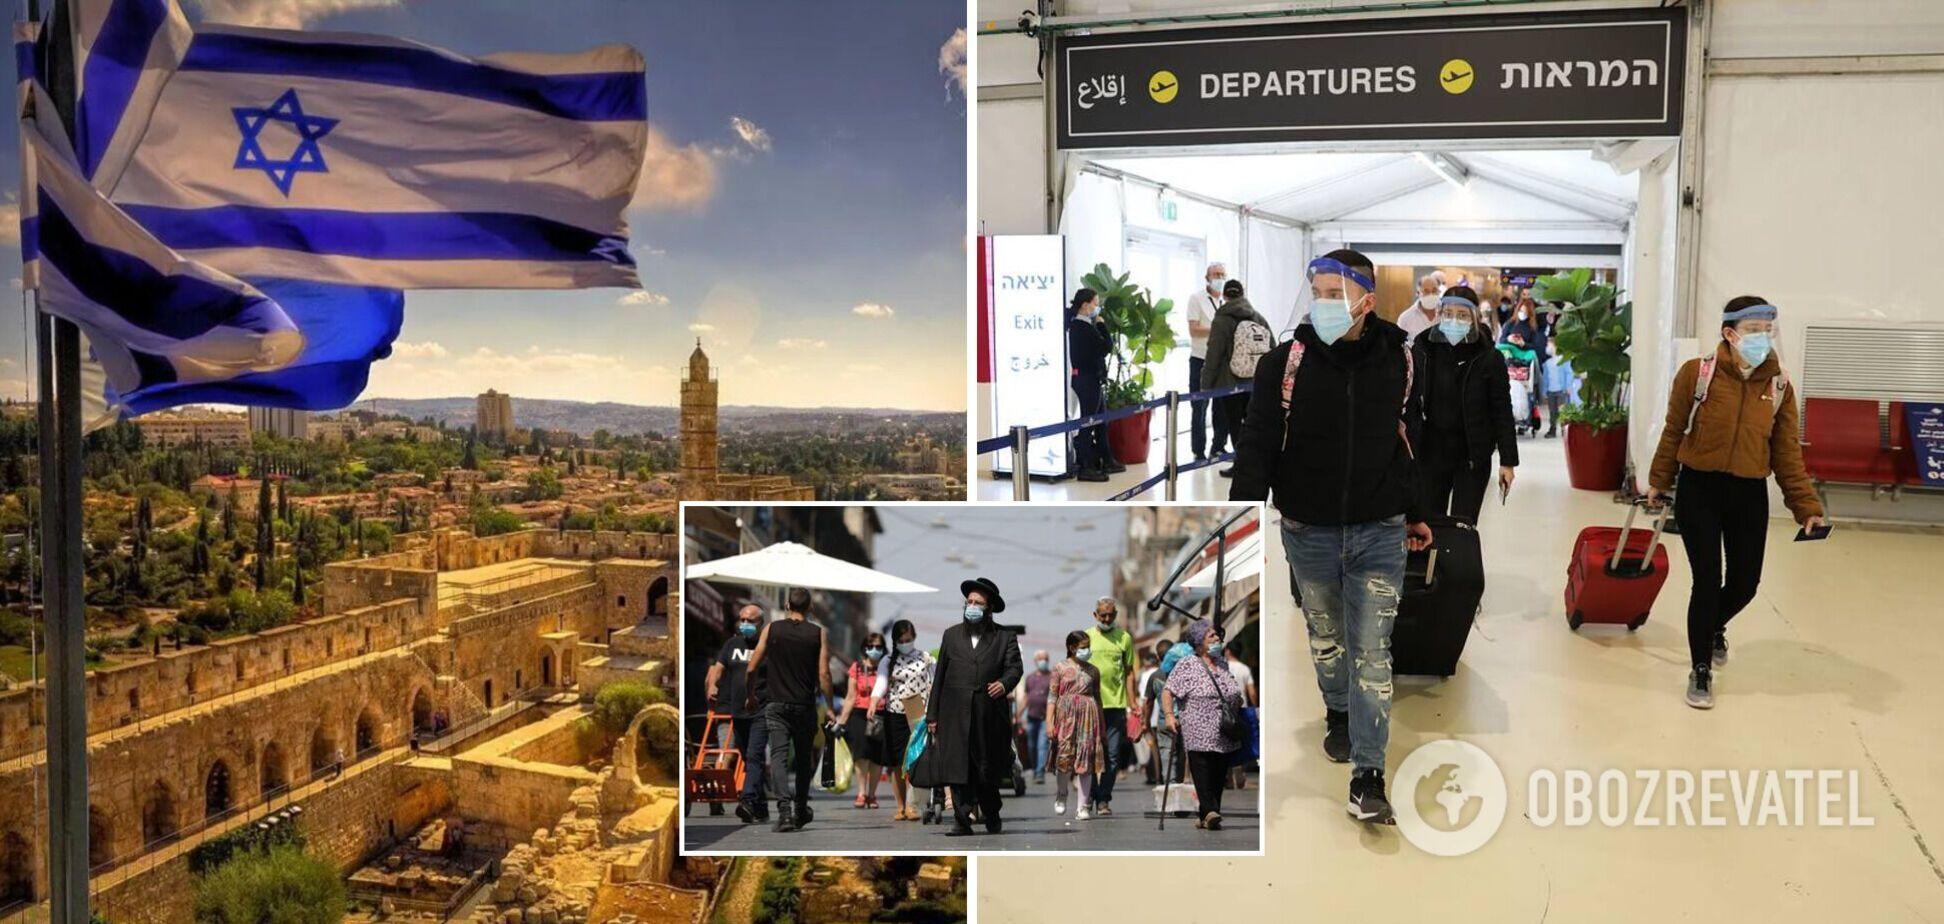 Израиль изменил правила въезда в страну: ПЦР-тест будут требовать у всех